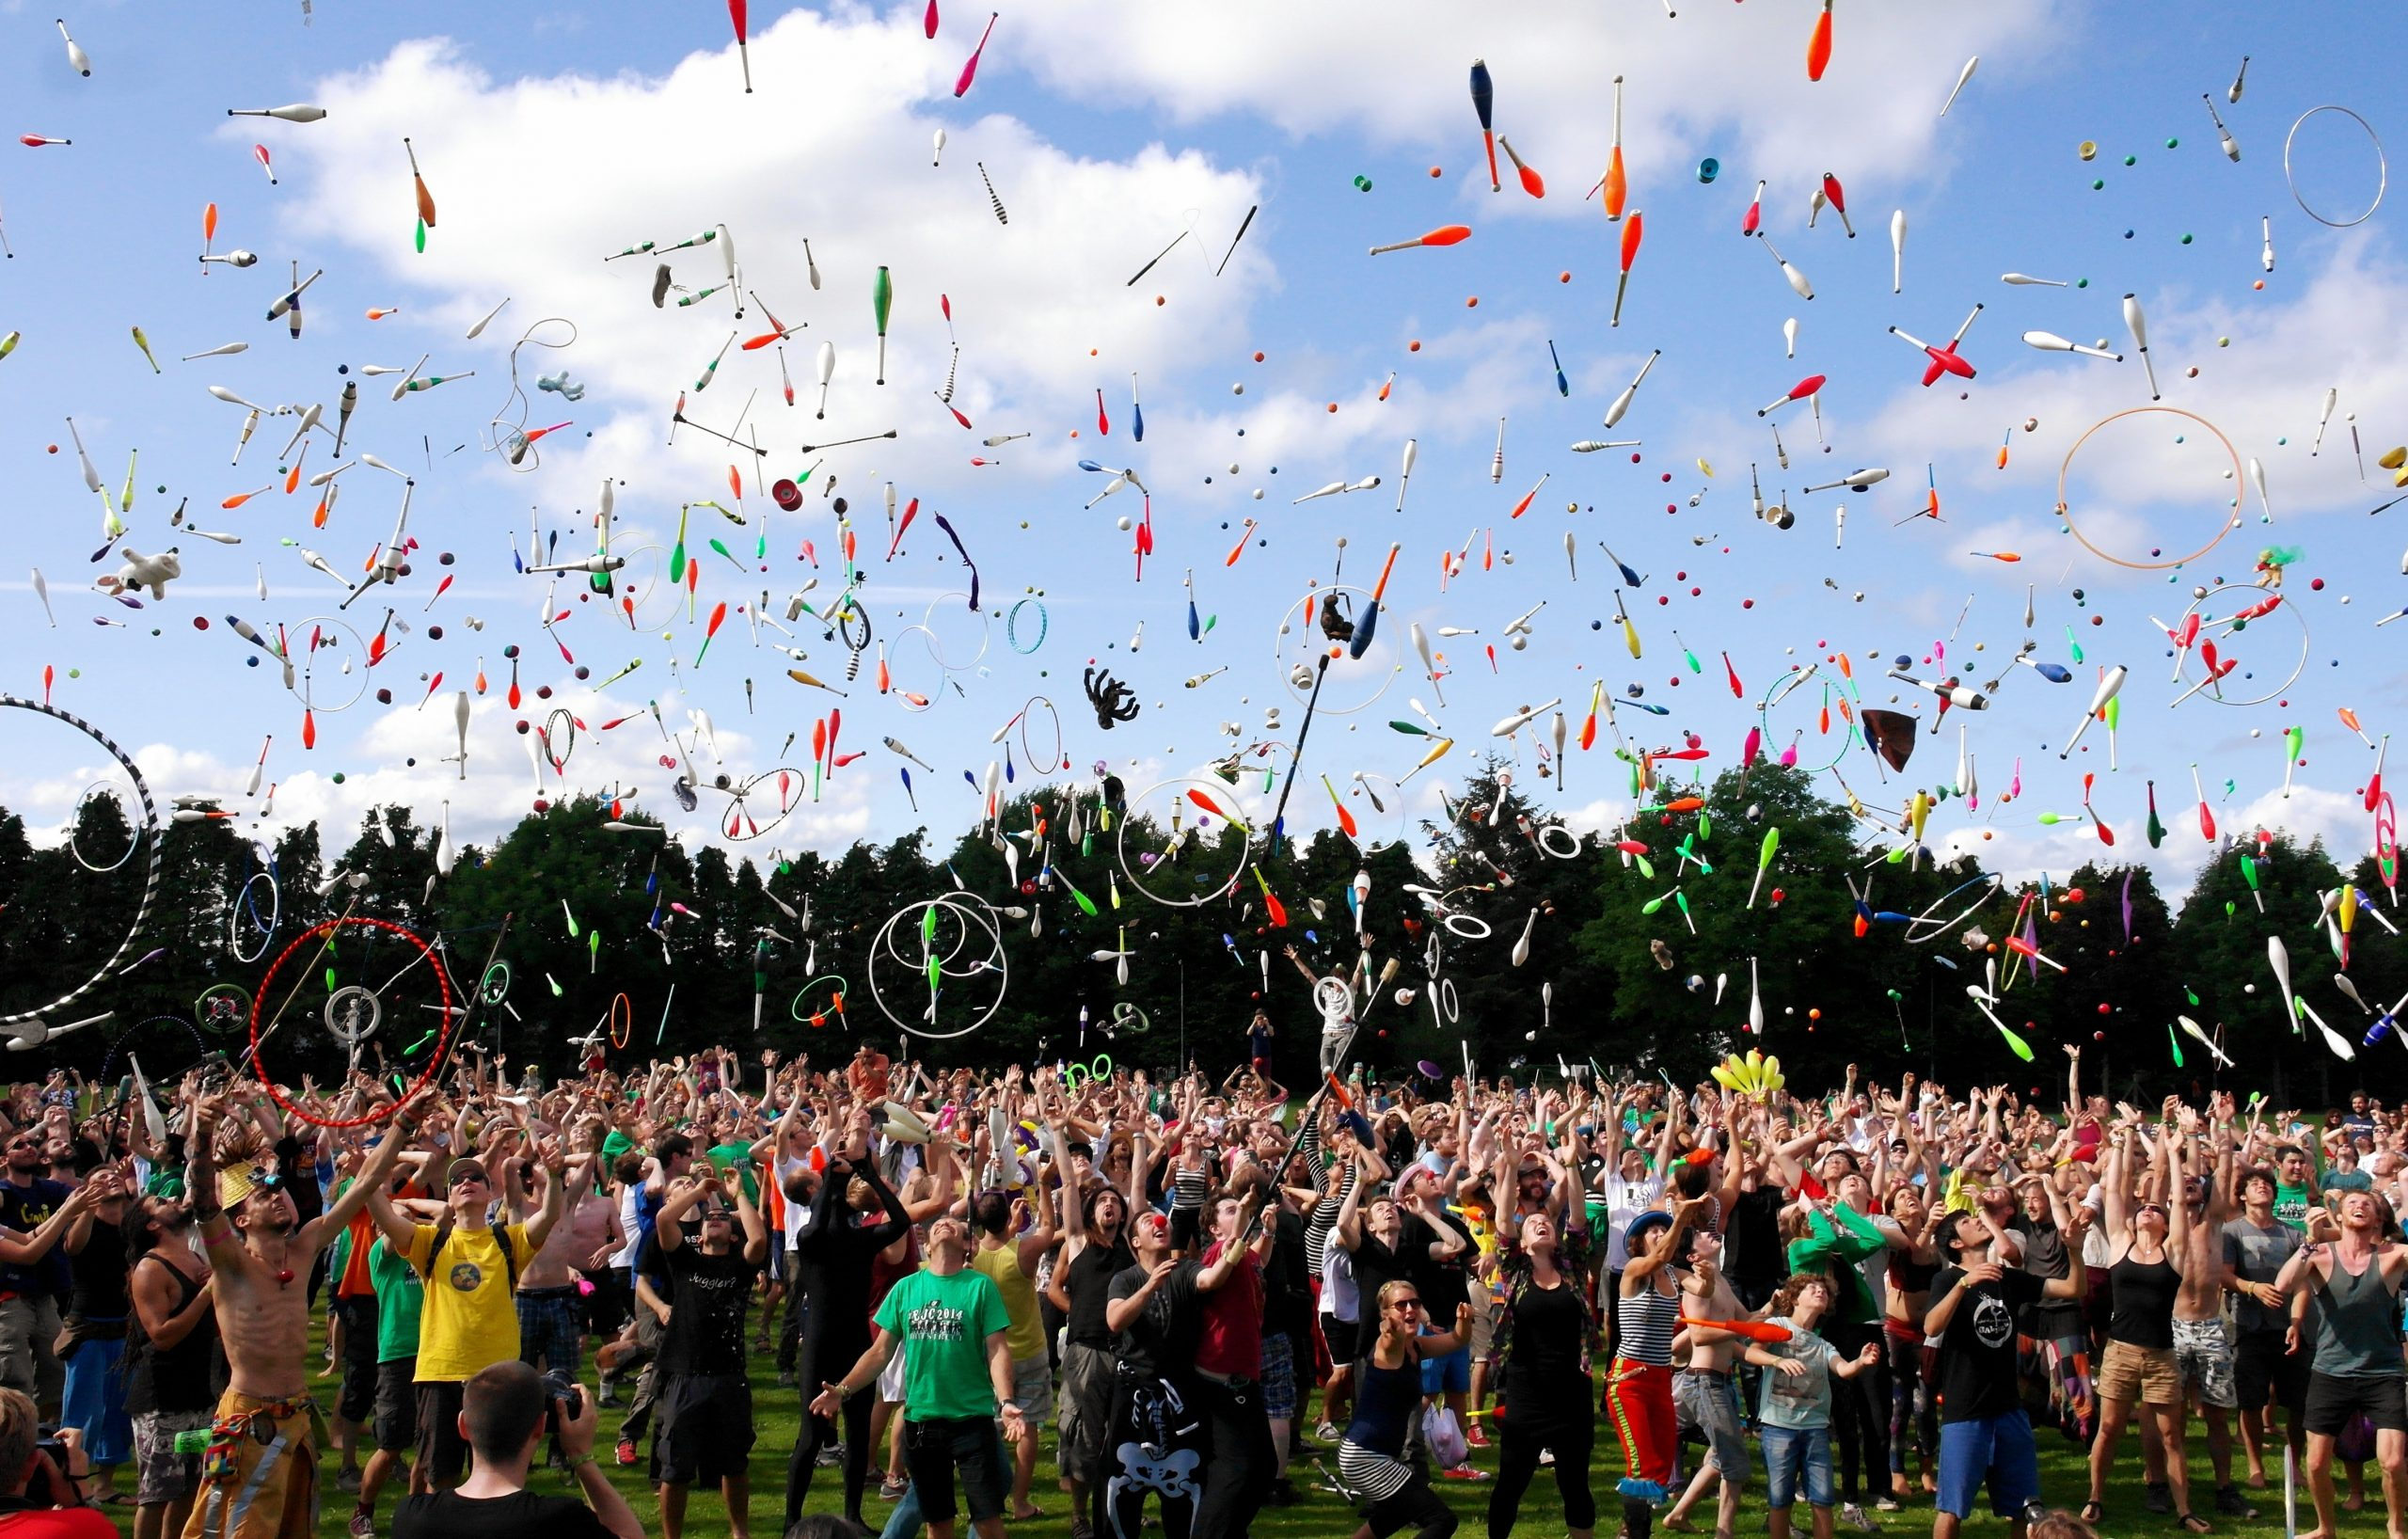 Lista noilor măsuri de relaxare aplicate de la 1 iulie: nunți cu sute de invitați și concerte cu 2.500 de participanți